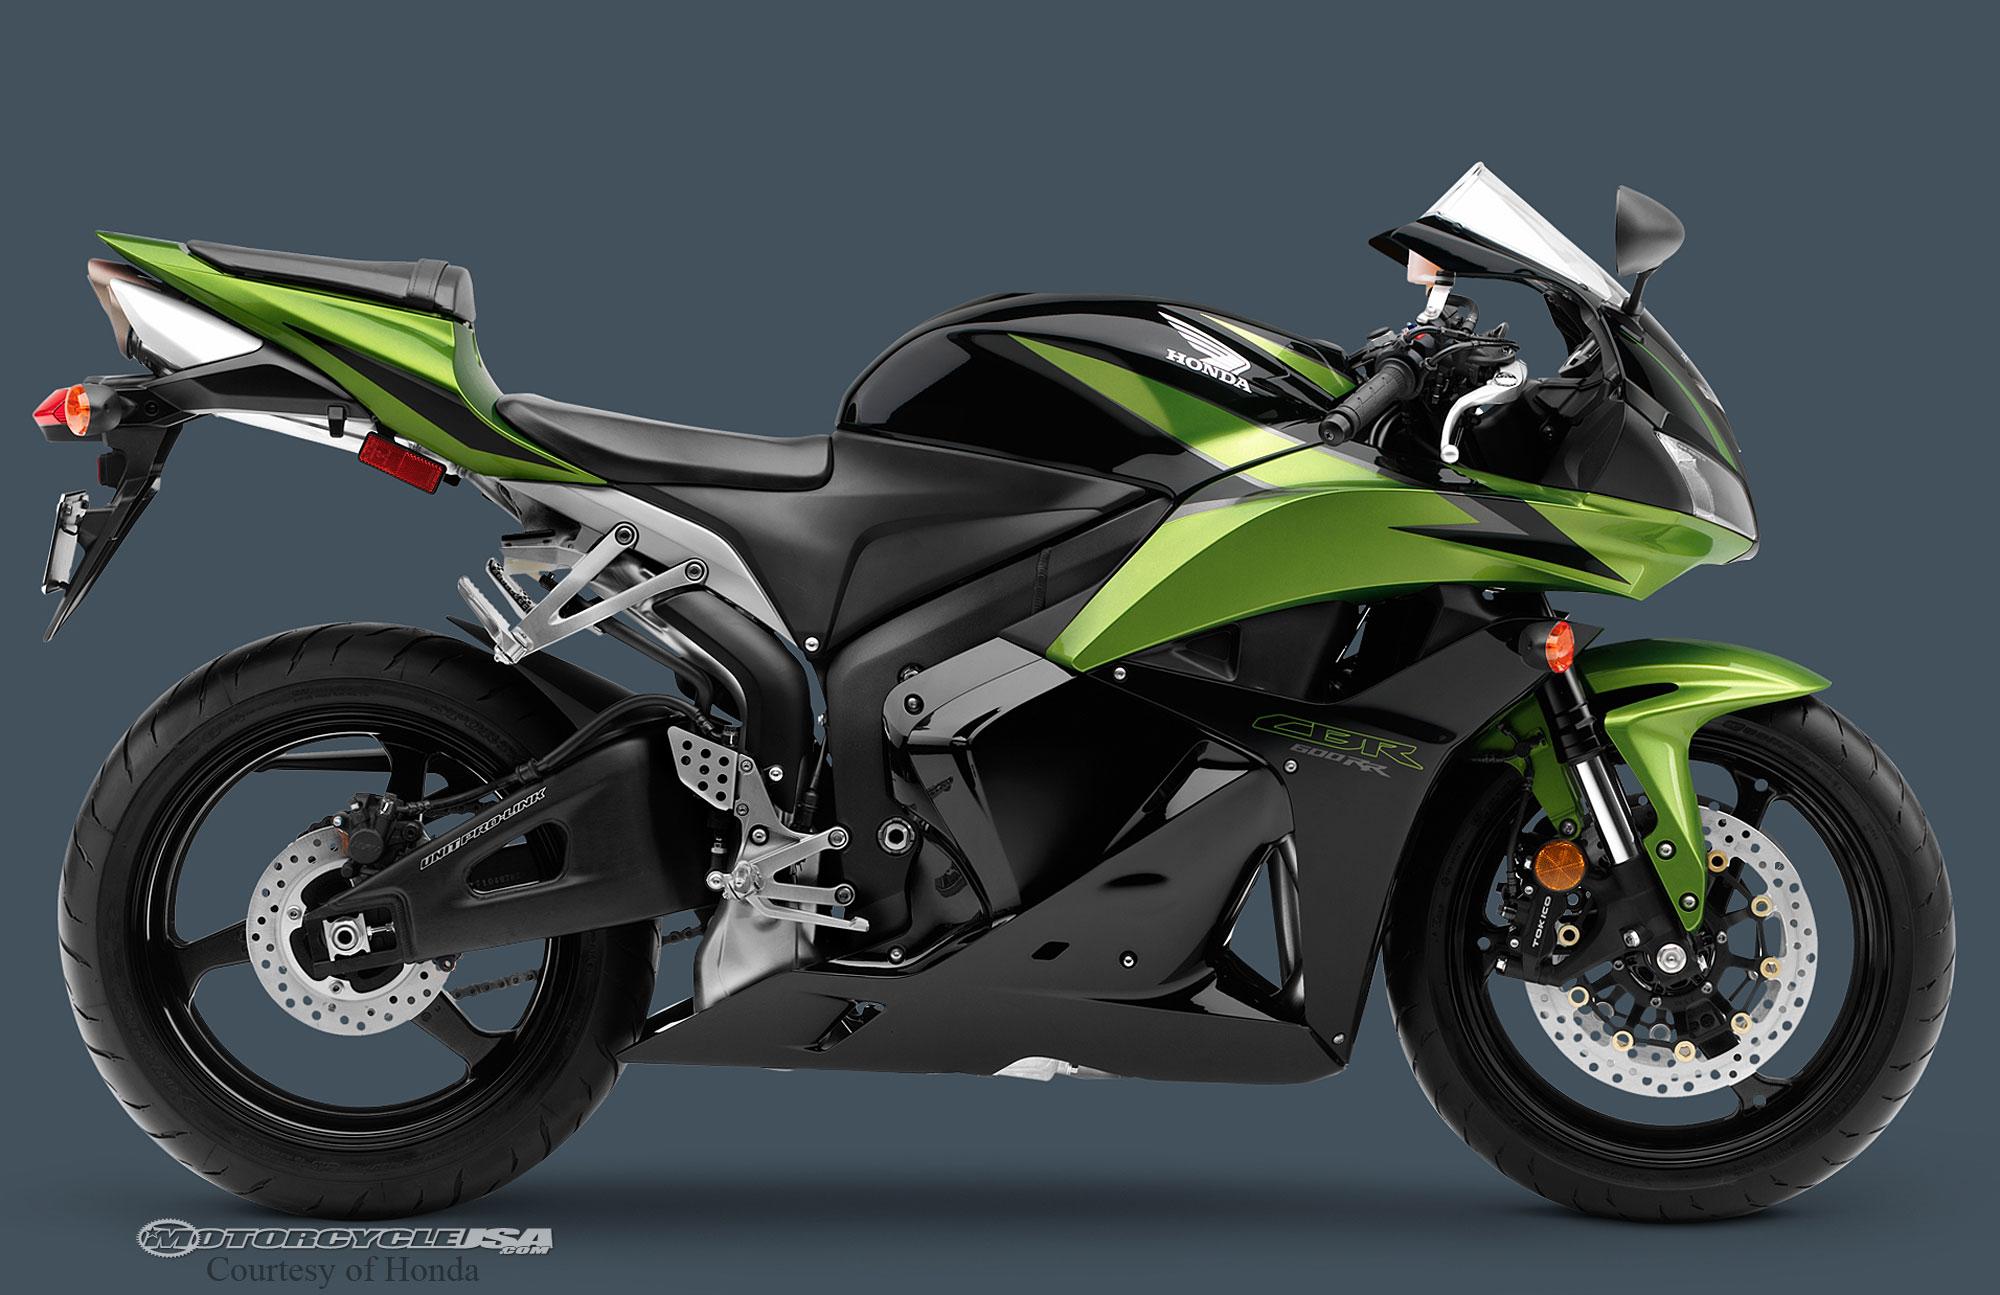 【本田cbr600rr Abs摩托车图片】本田摩托车图片大全 机车网